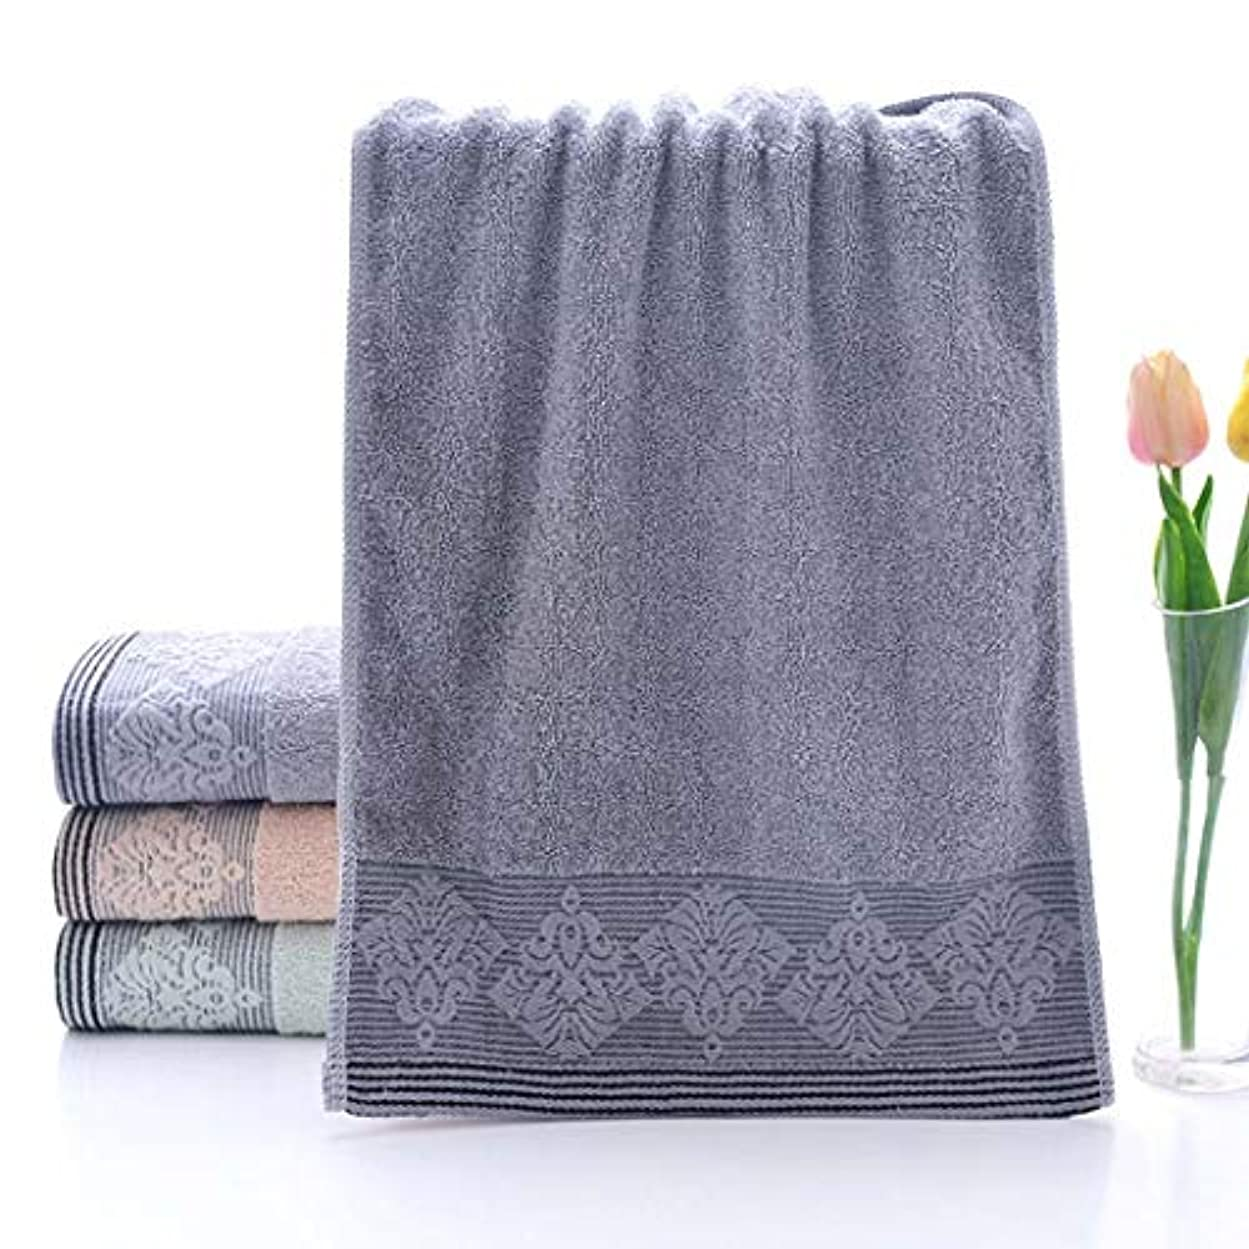 むき出しテレビ局インターネット綿のタオルの速い乾燥したタオルのスポーツタオルの容易な心配,Gray,33*73cm